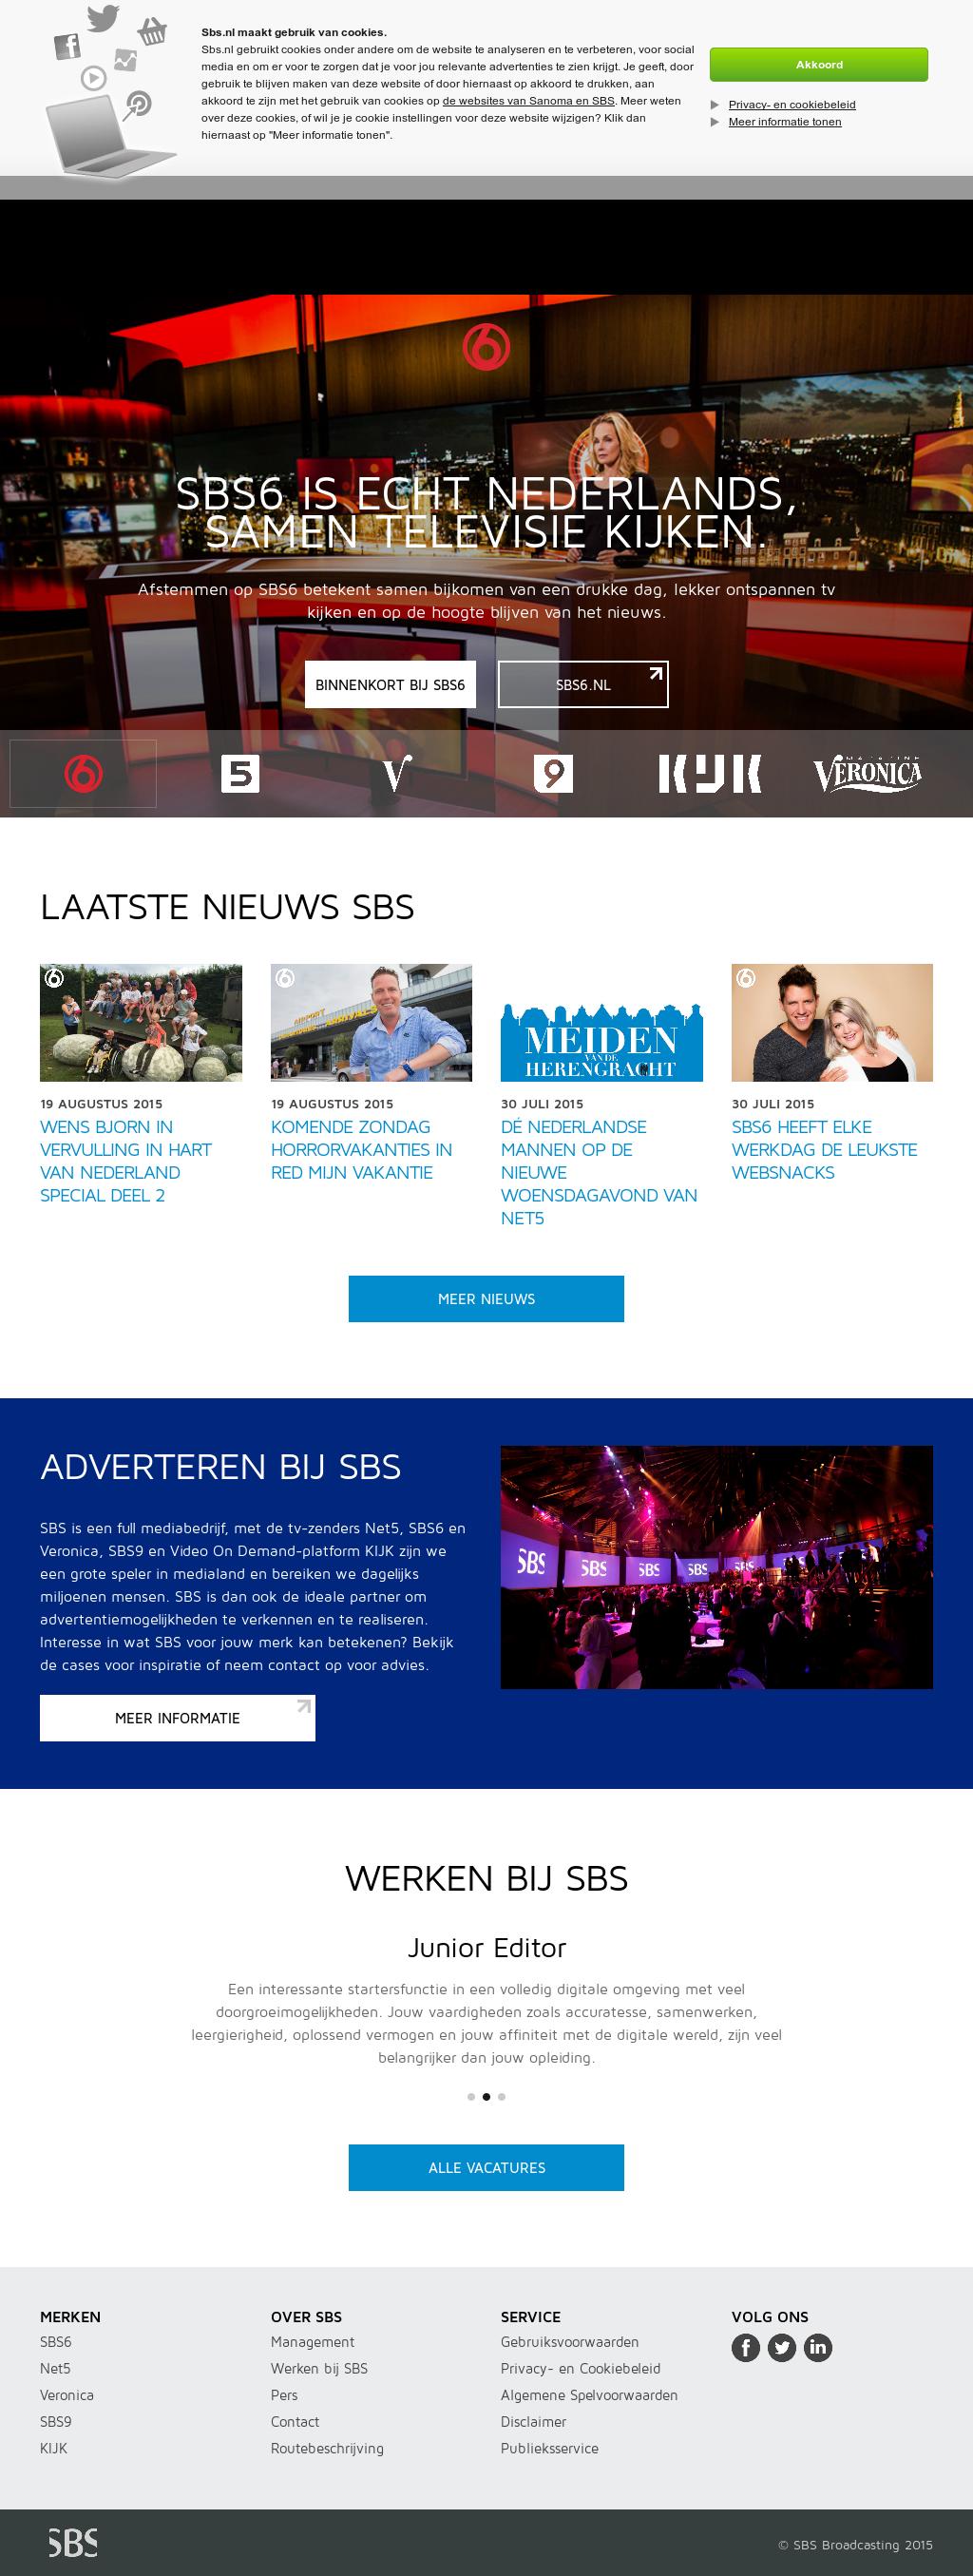 online sbs6 kijken live gratis